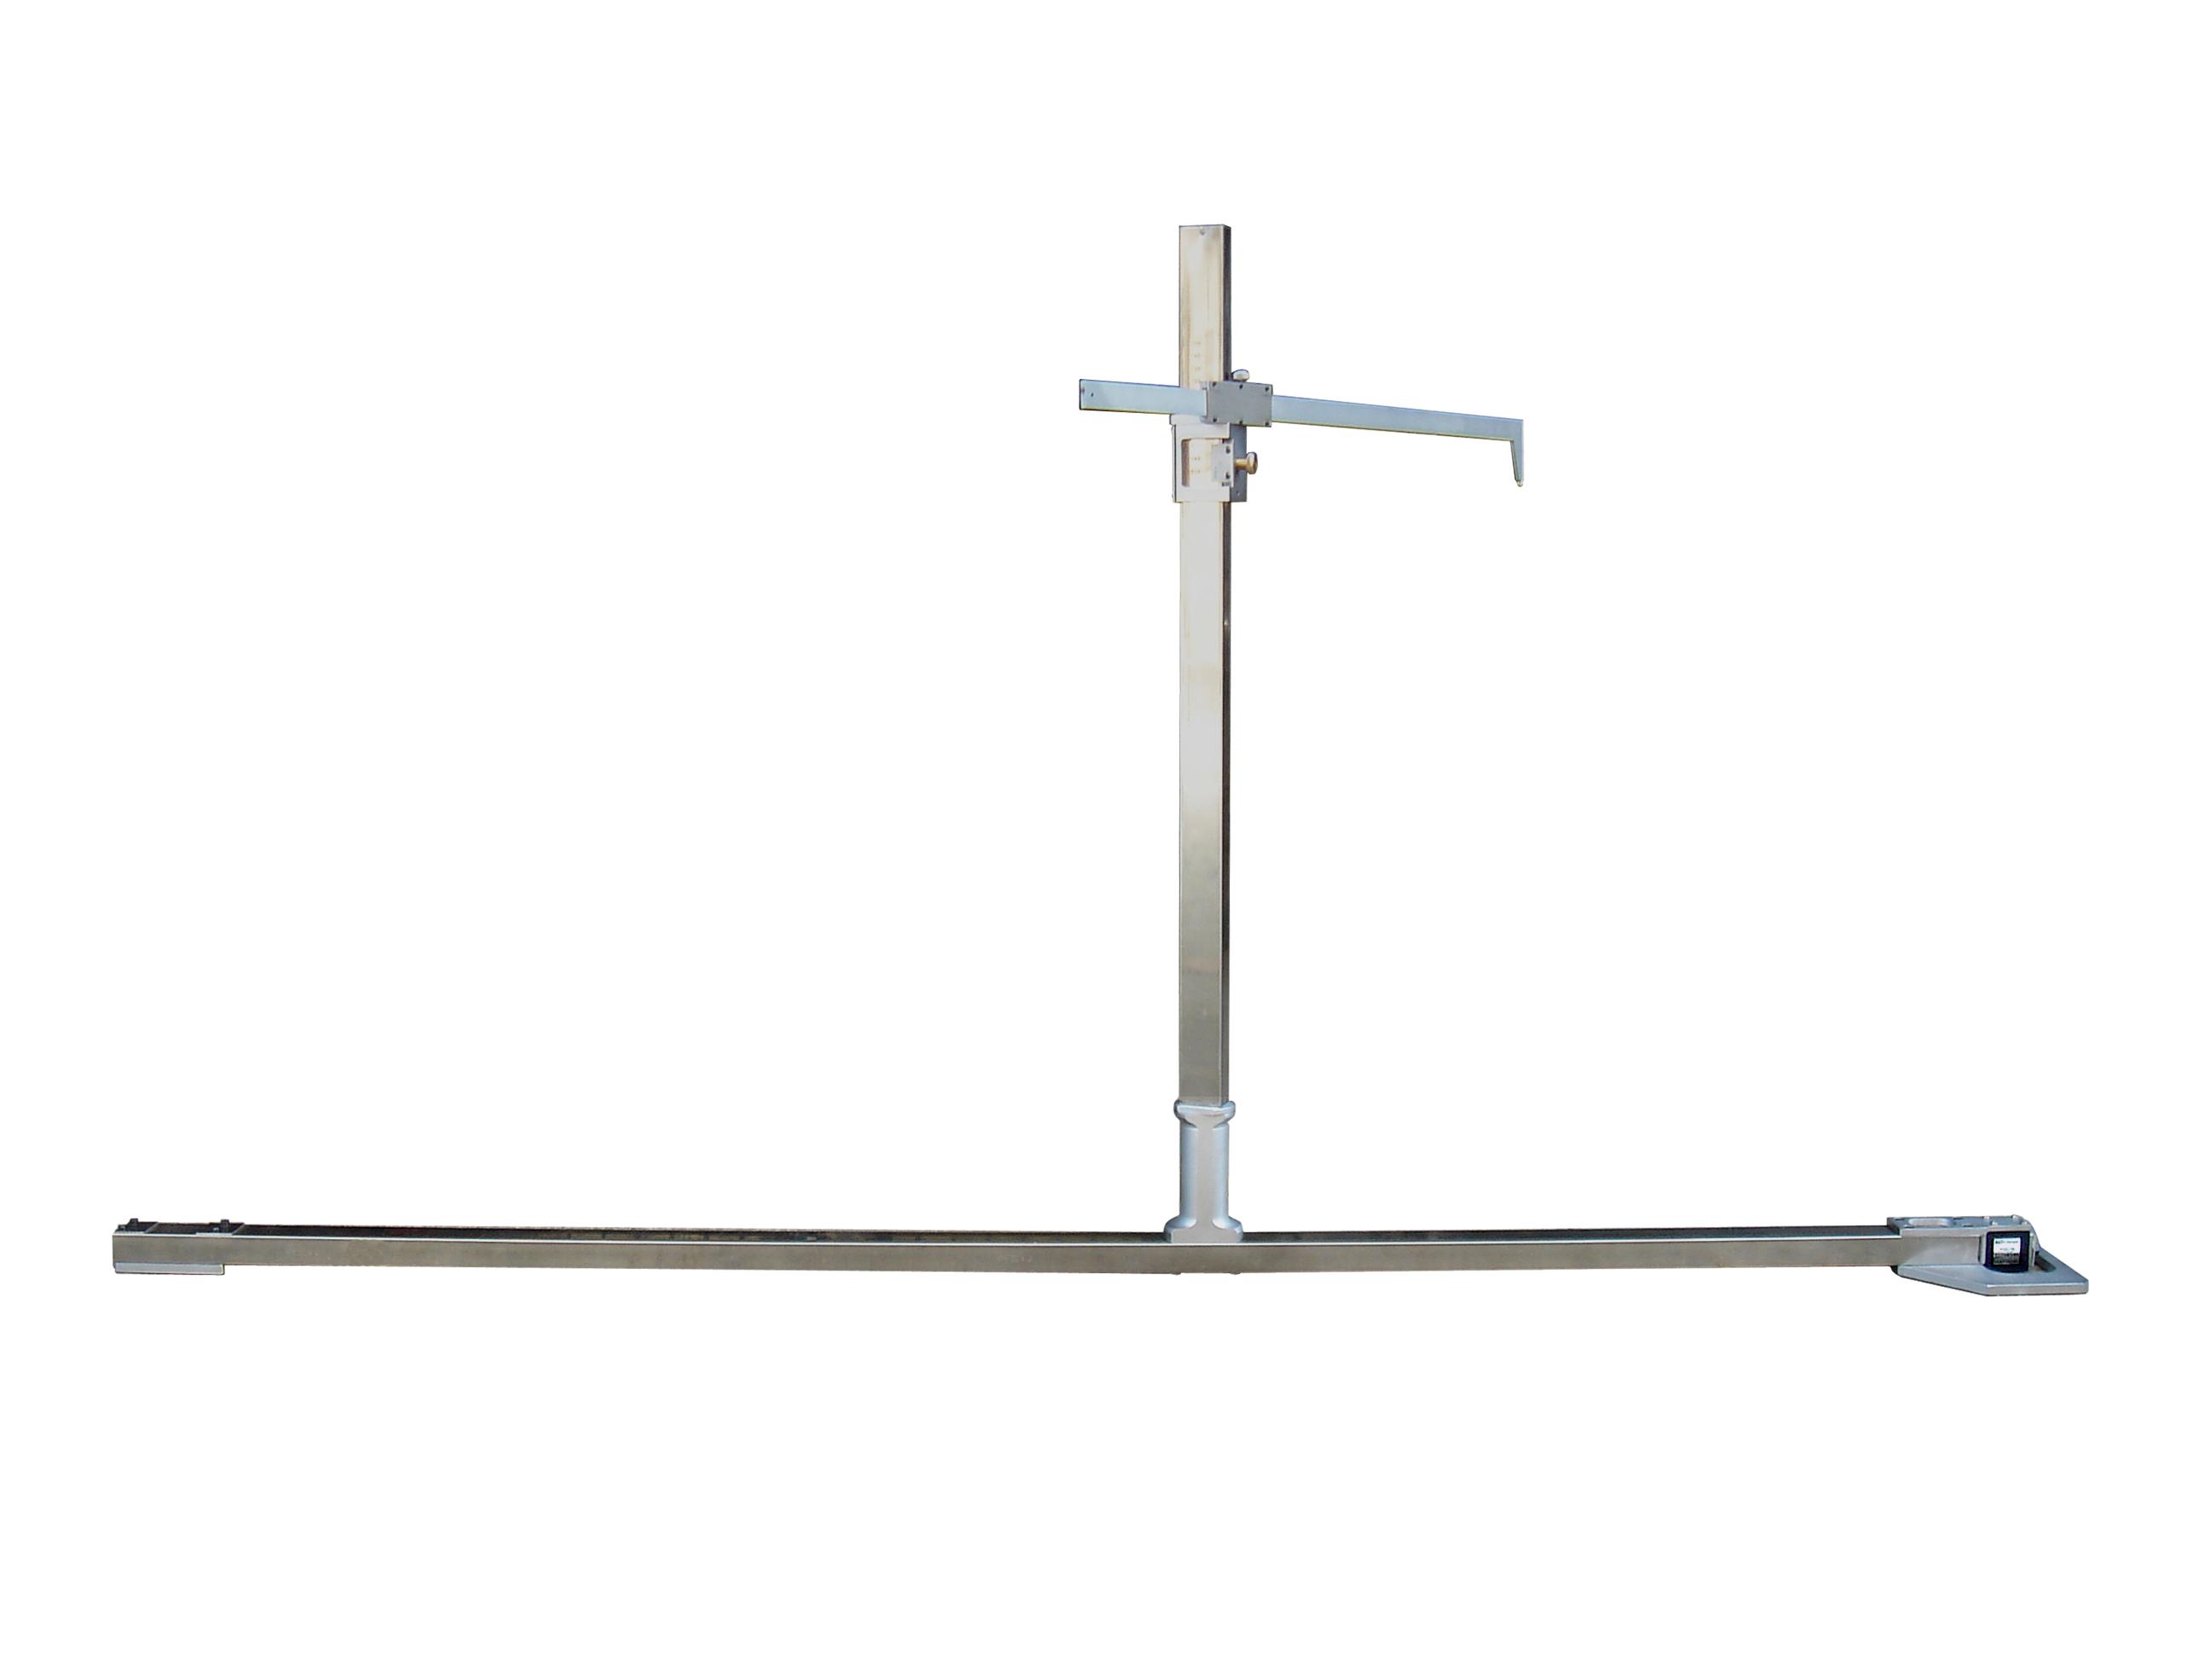 转向架心盘自由高度测量尺